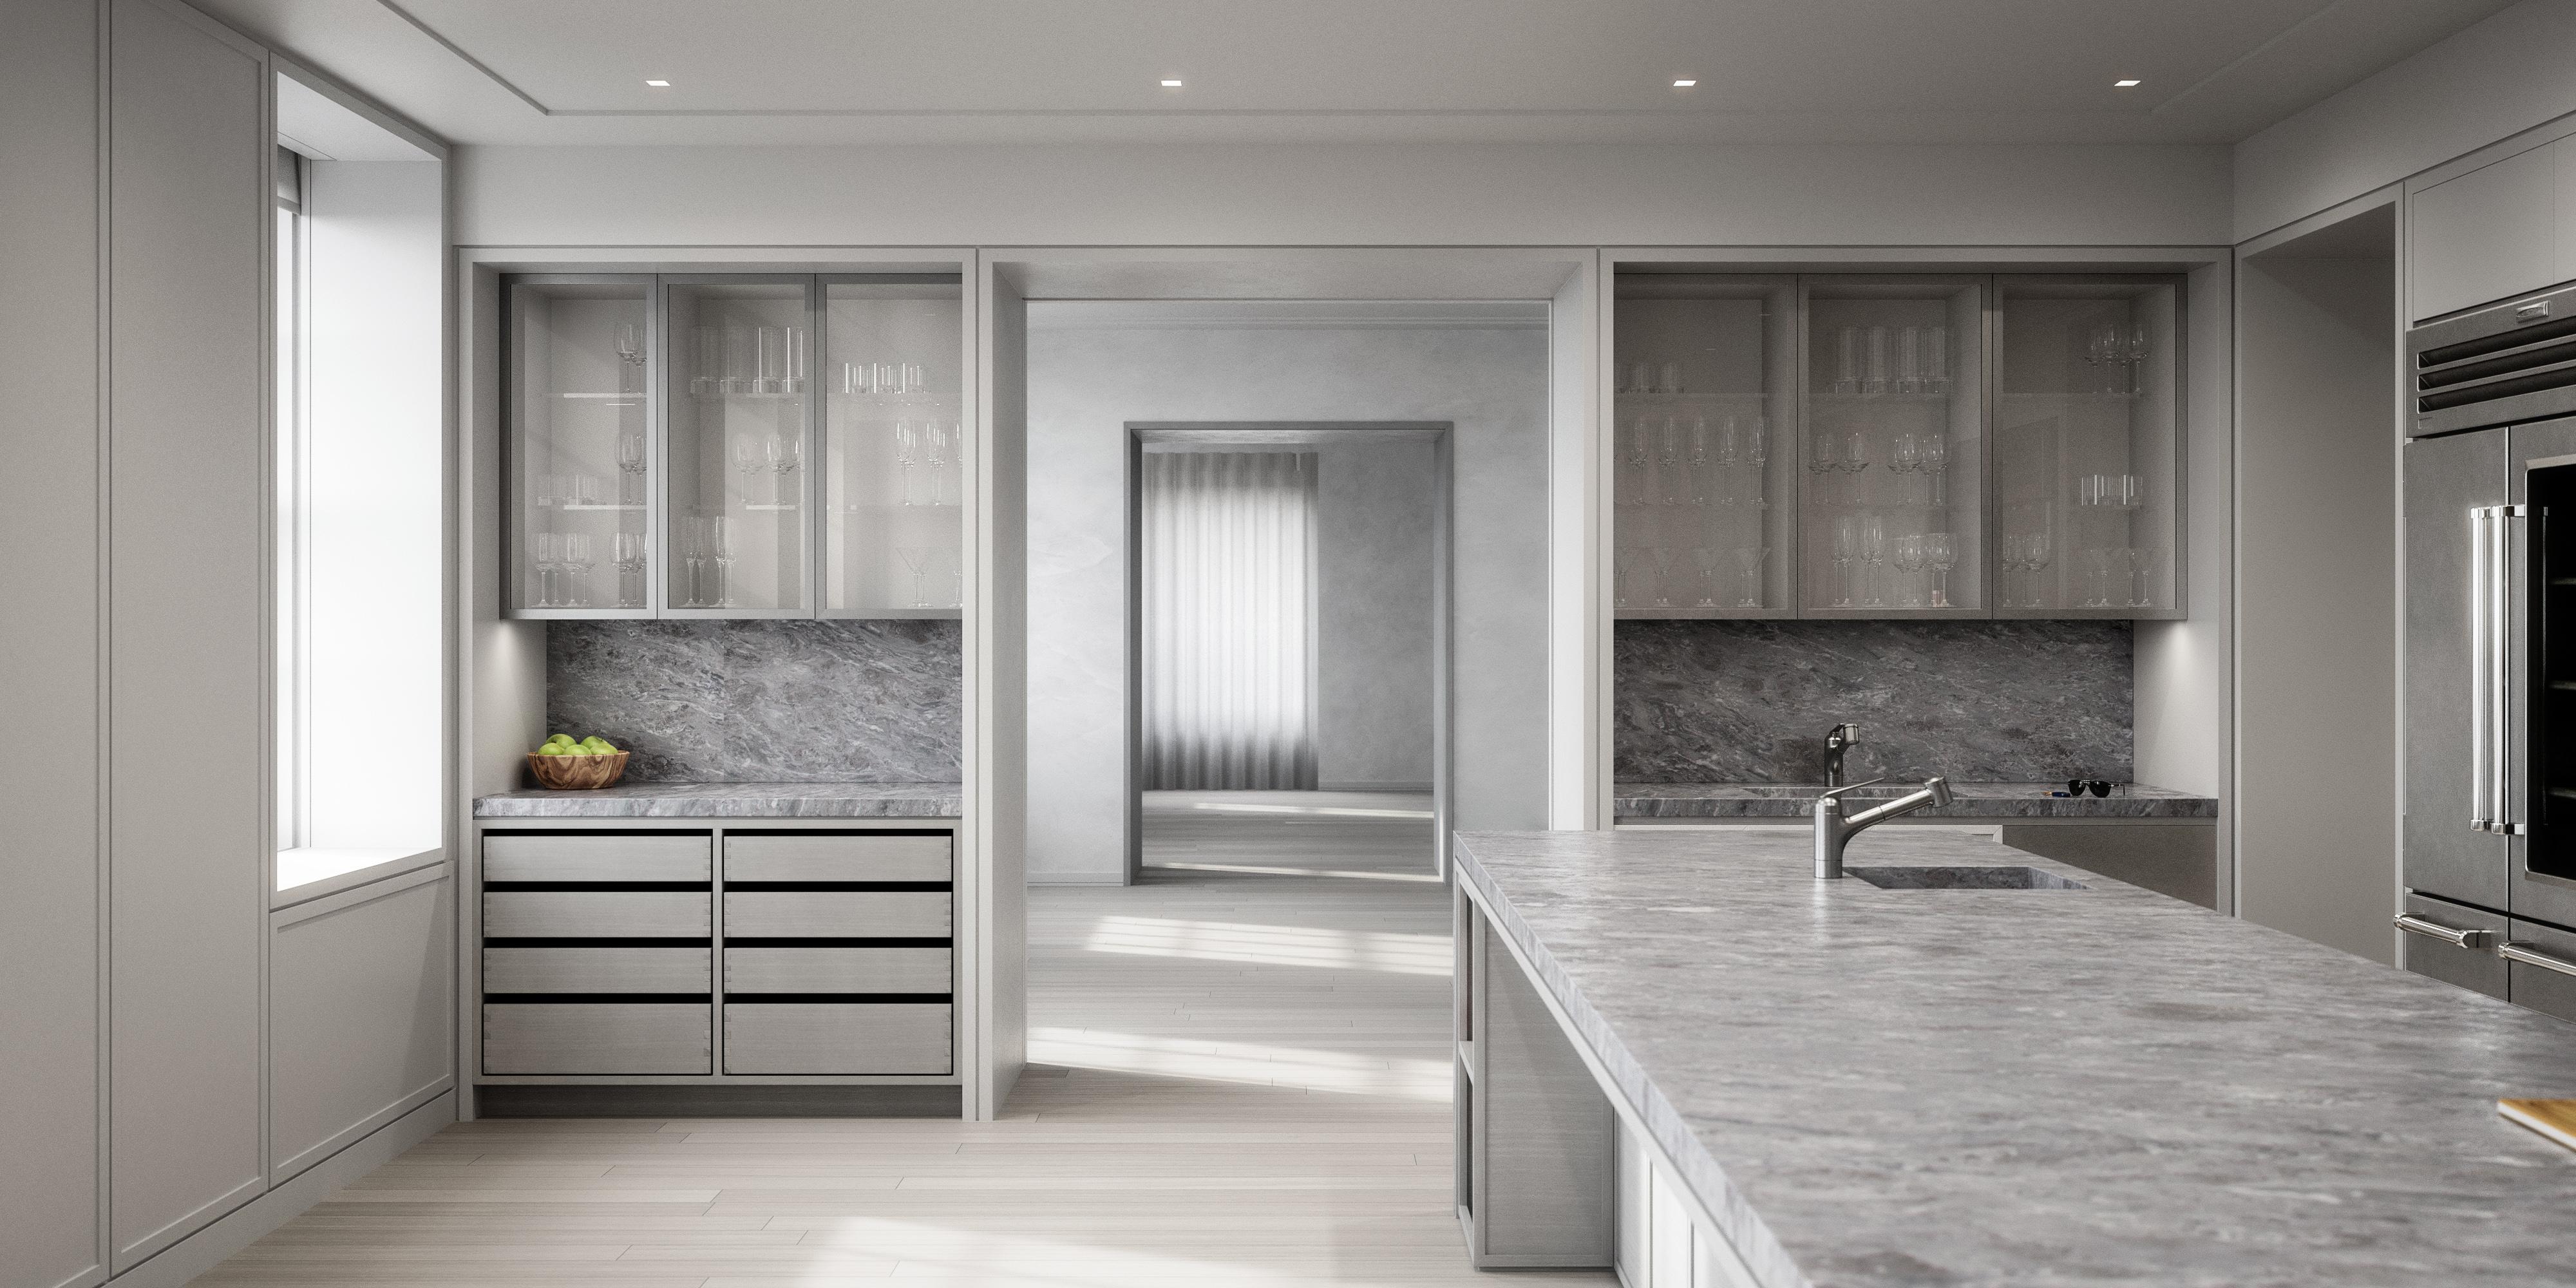 condo 3 - kitchen (view 2)